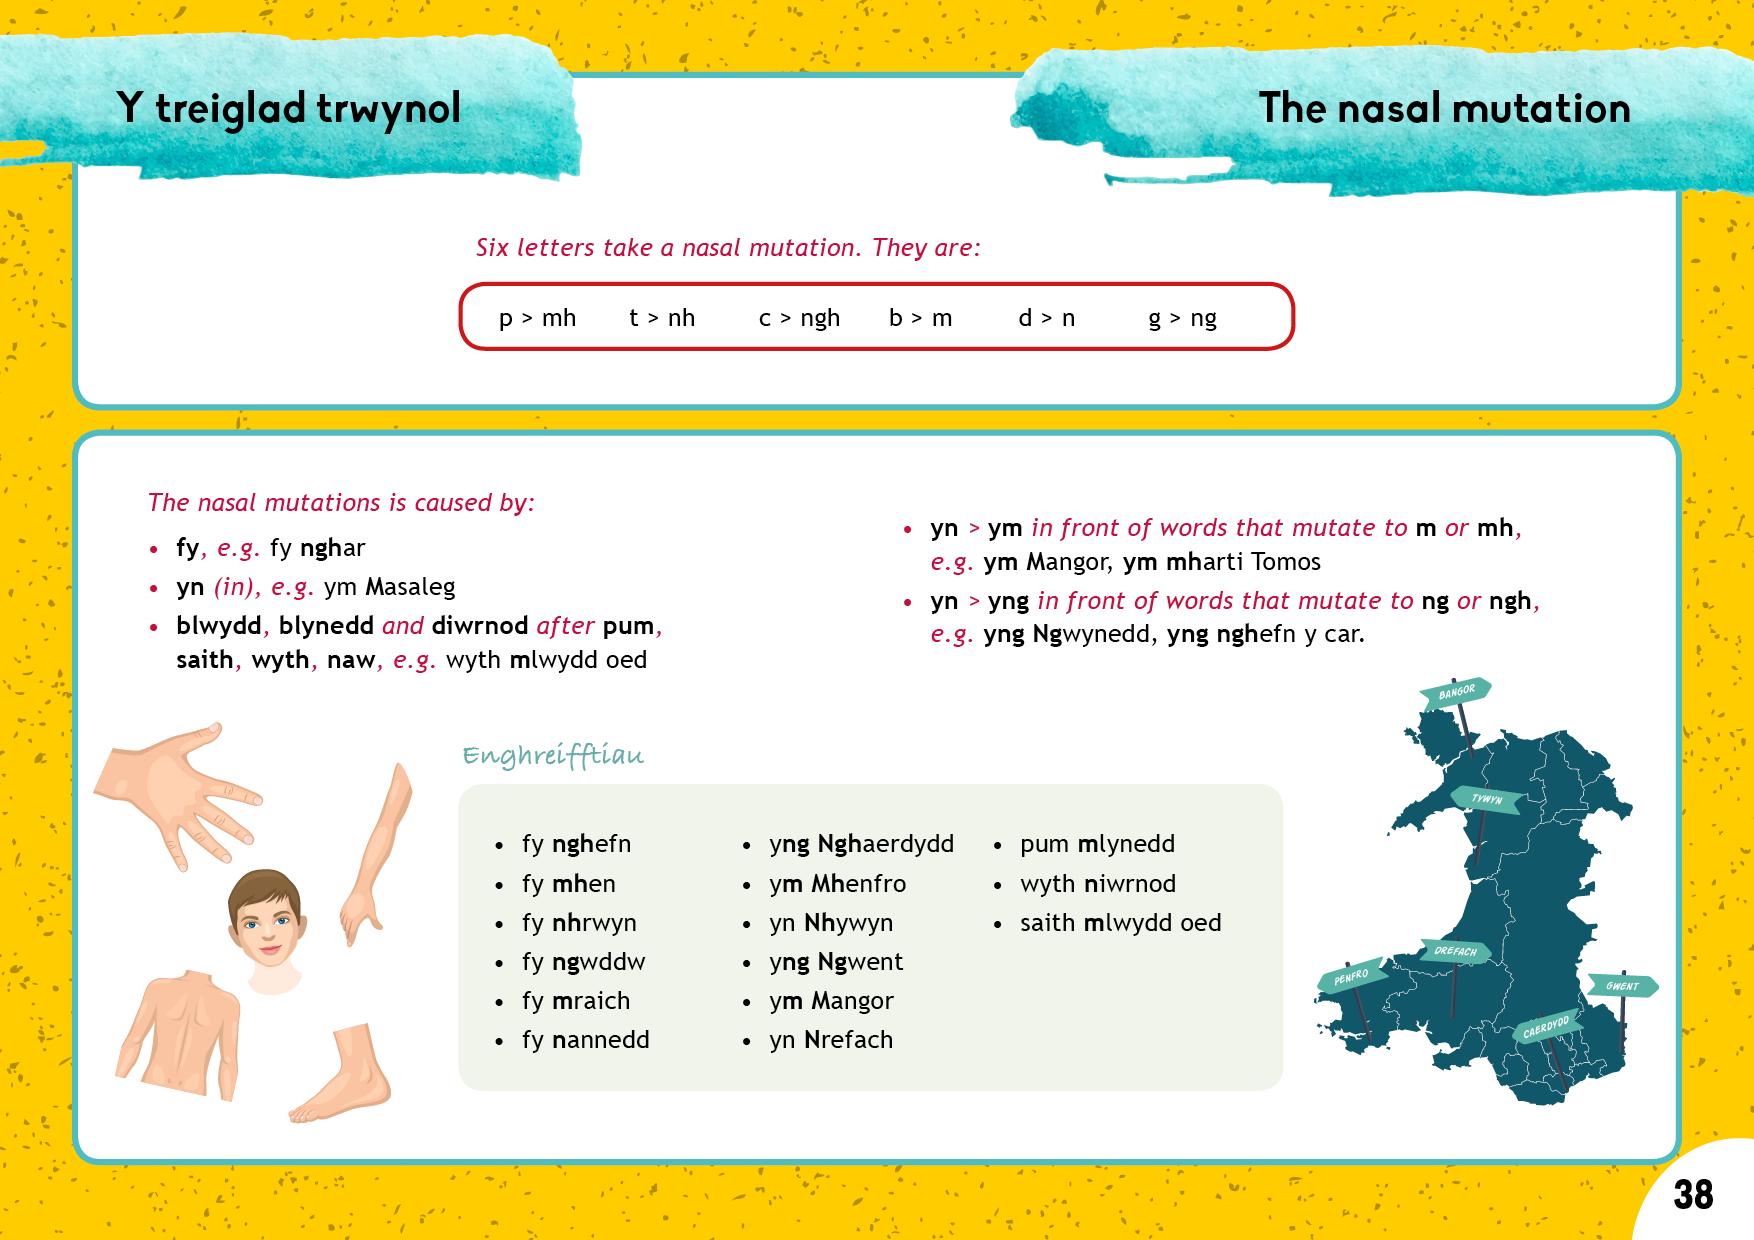 Y treiglad trwynol | The nasal mutation